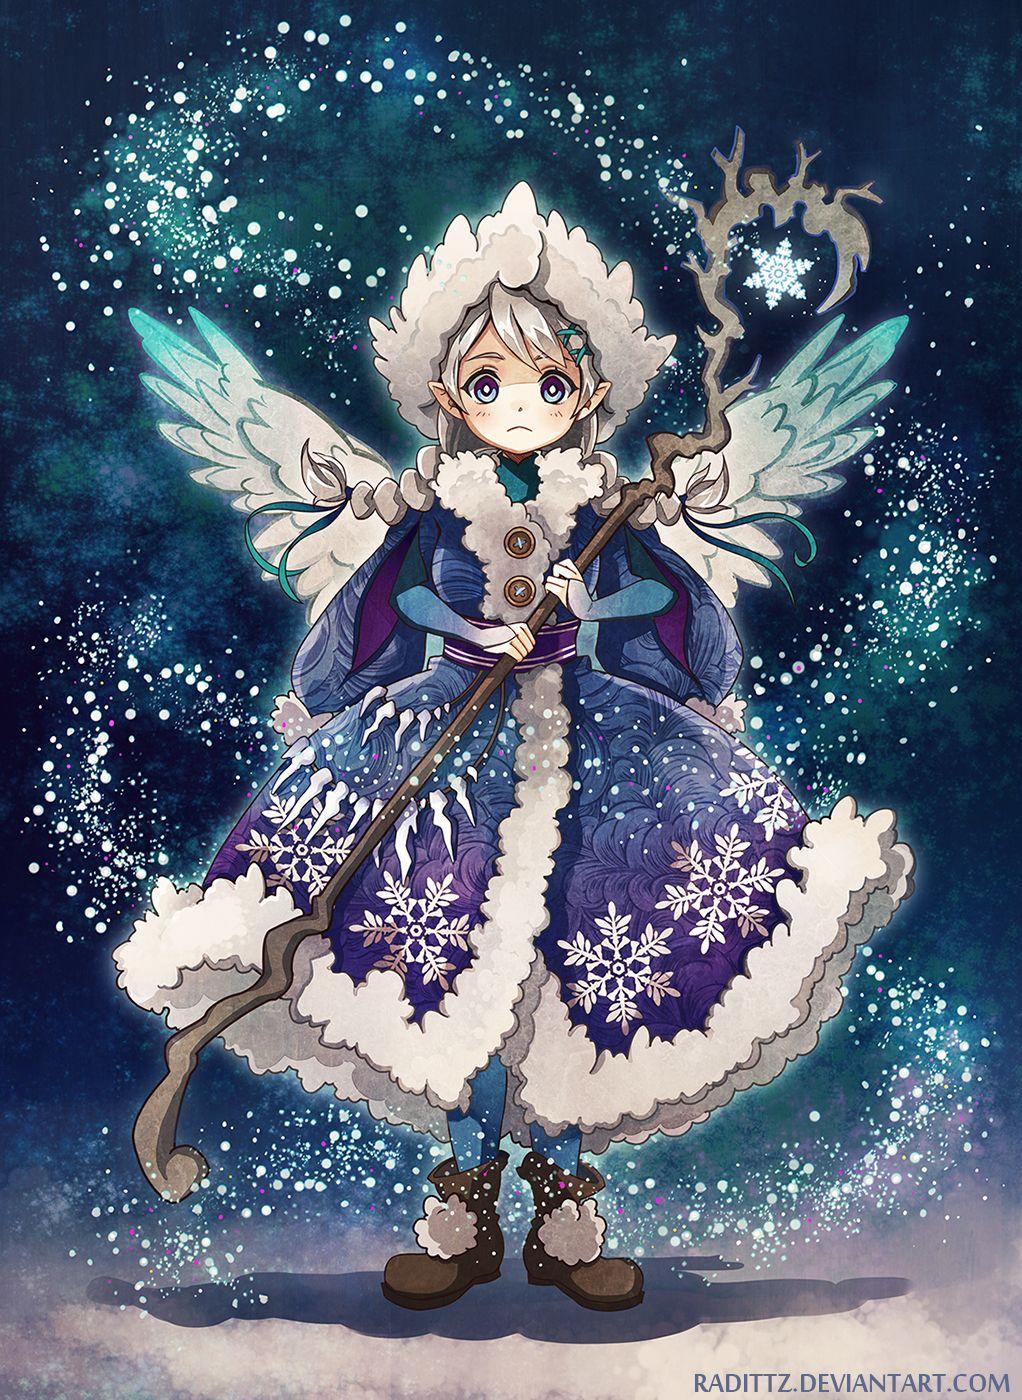 Snow Angel By Radittz Deviantart Com On Deviantart Snow Angels